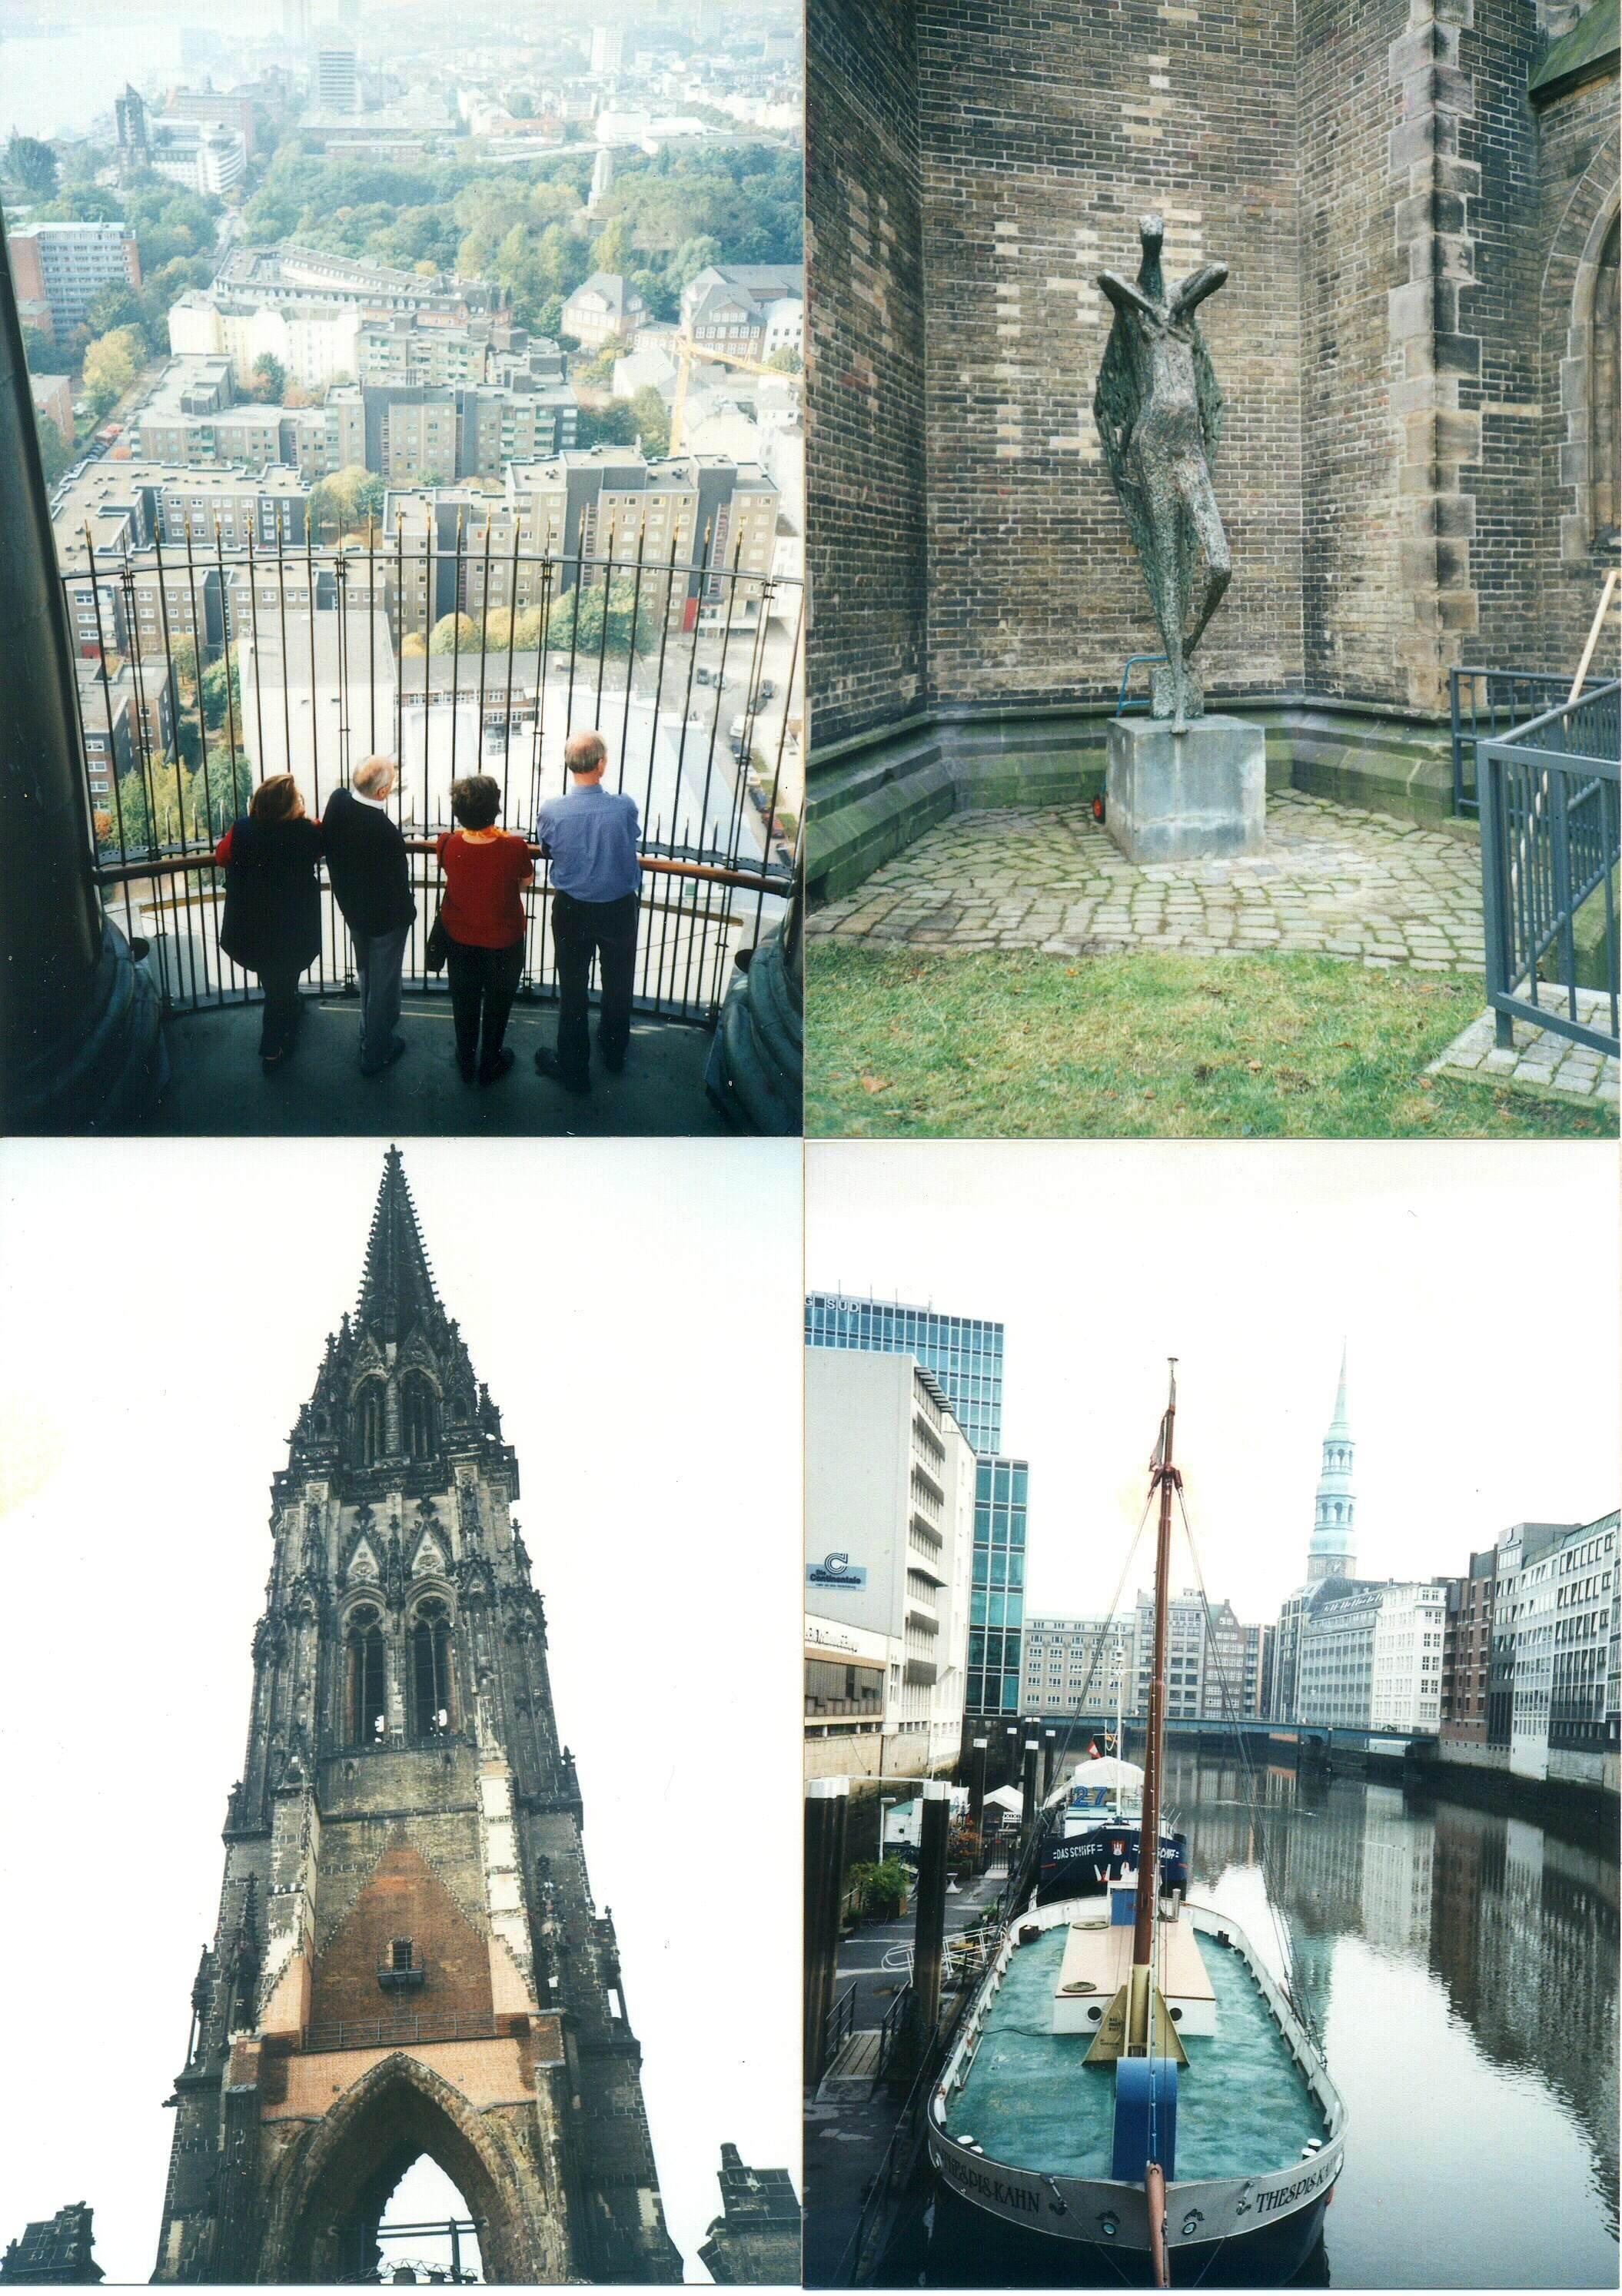 2001년 독일 함부르크 돔 전망대에서